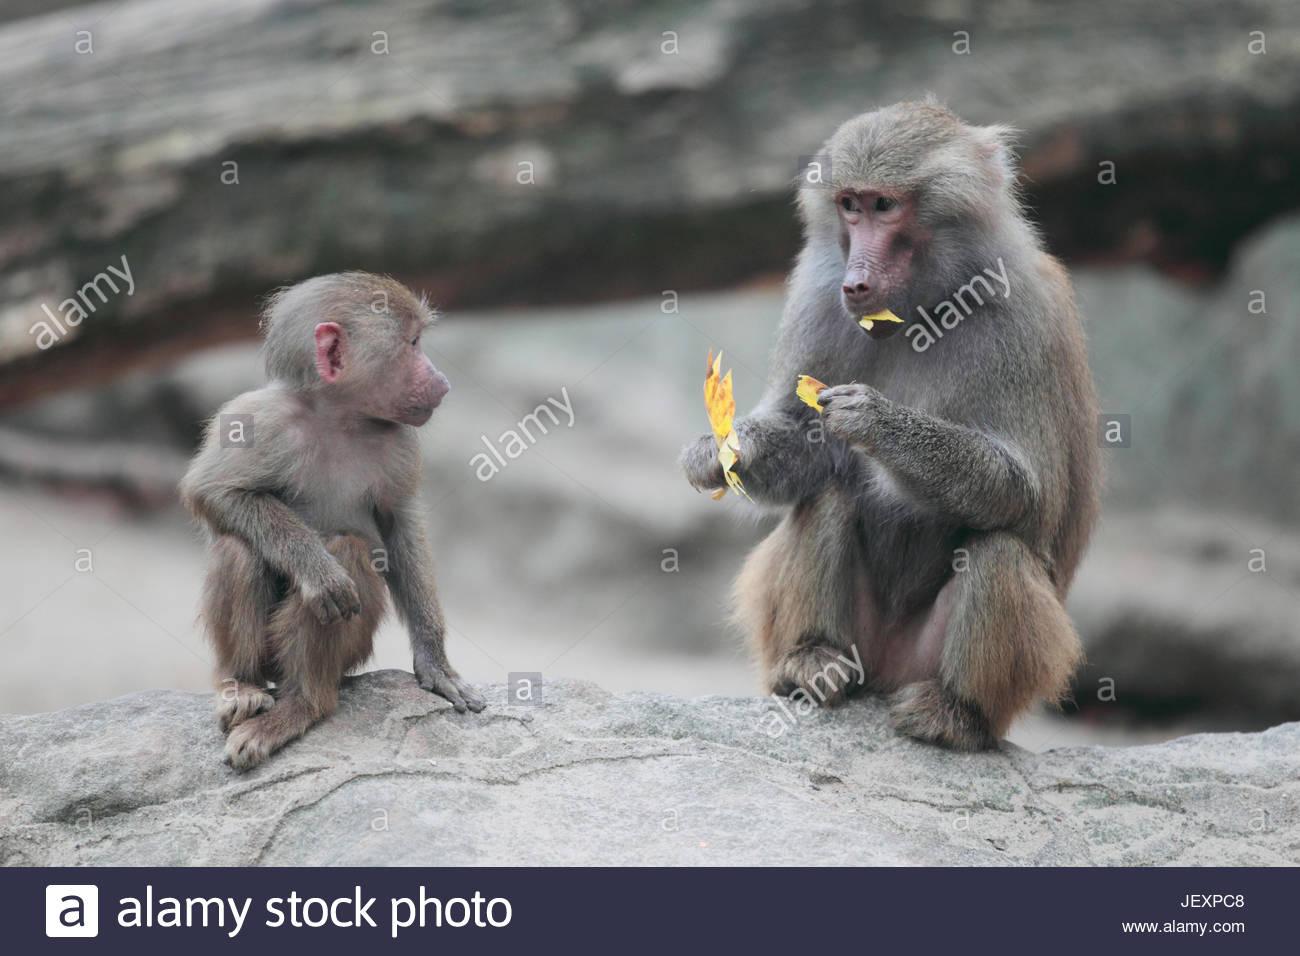 Retrato de un joven y adulto o asustado hamadryas baboon, Papio hamadryas baboon, una especie de la familia de monos Imagen De Stock